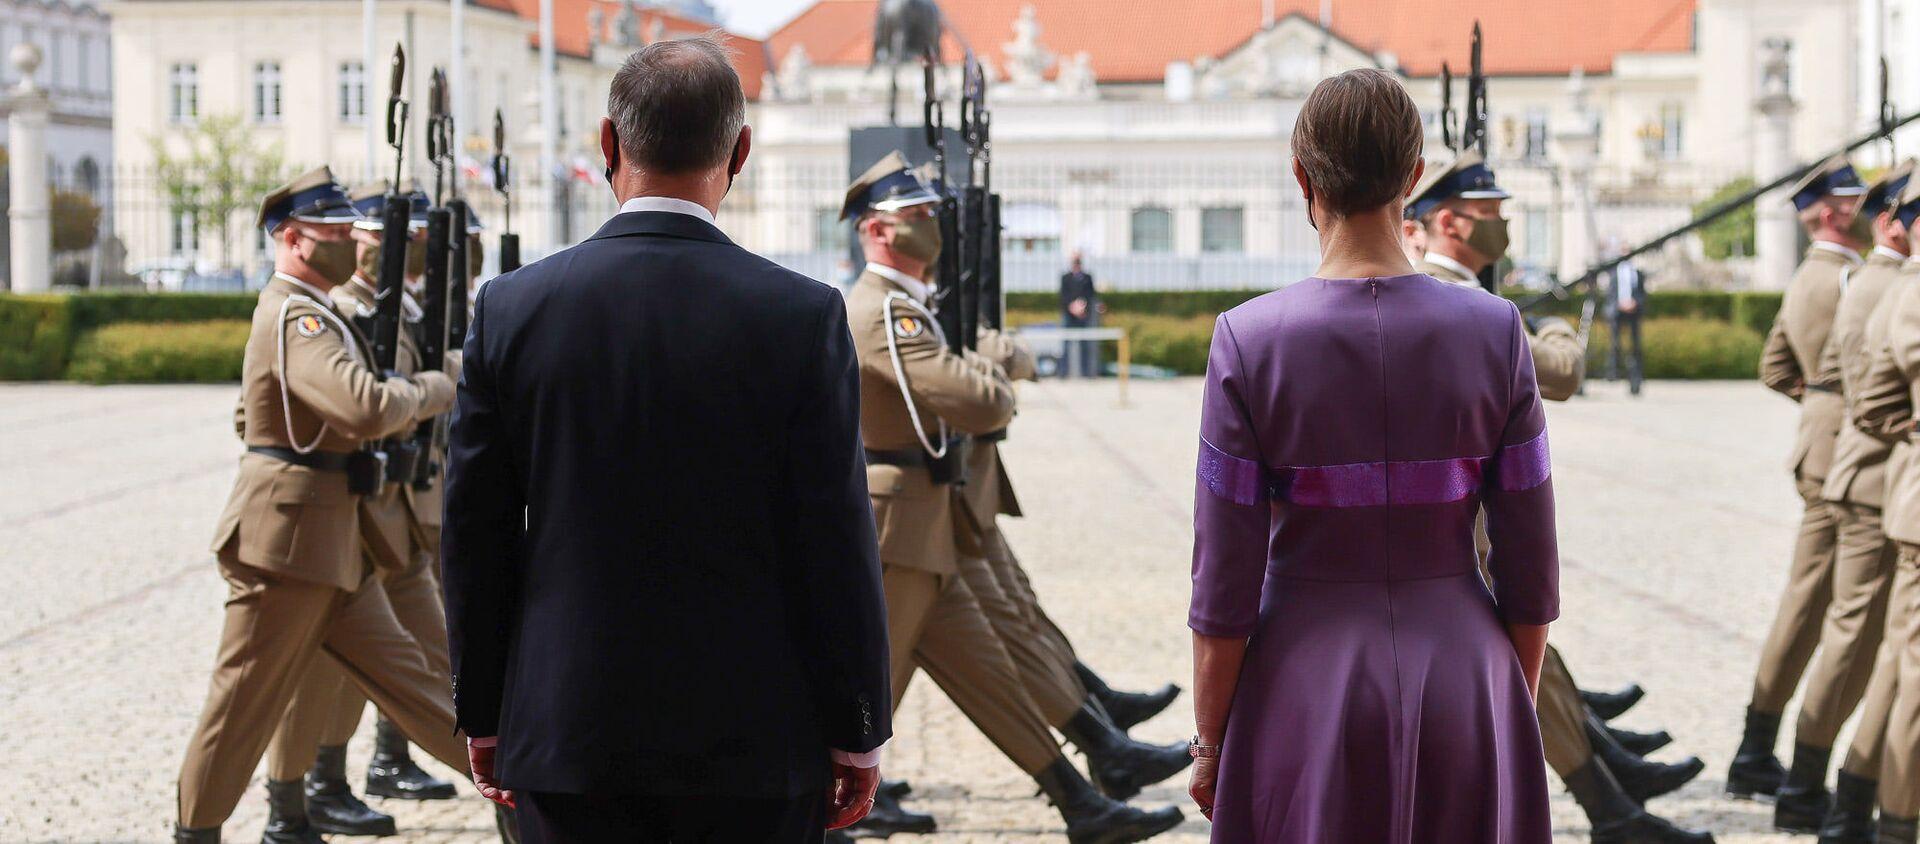 Spotkanie Andrzeja Dudy i Kersti Kaljulaid w Warszawie - Sputnik Polska, 1920, 04.05.2021